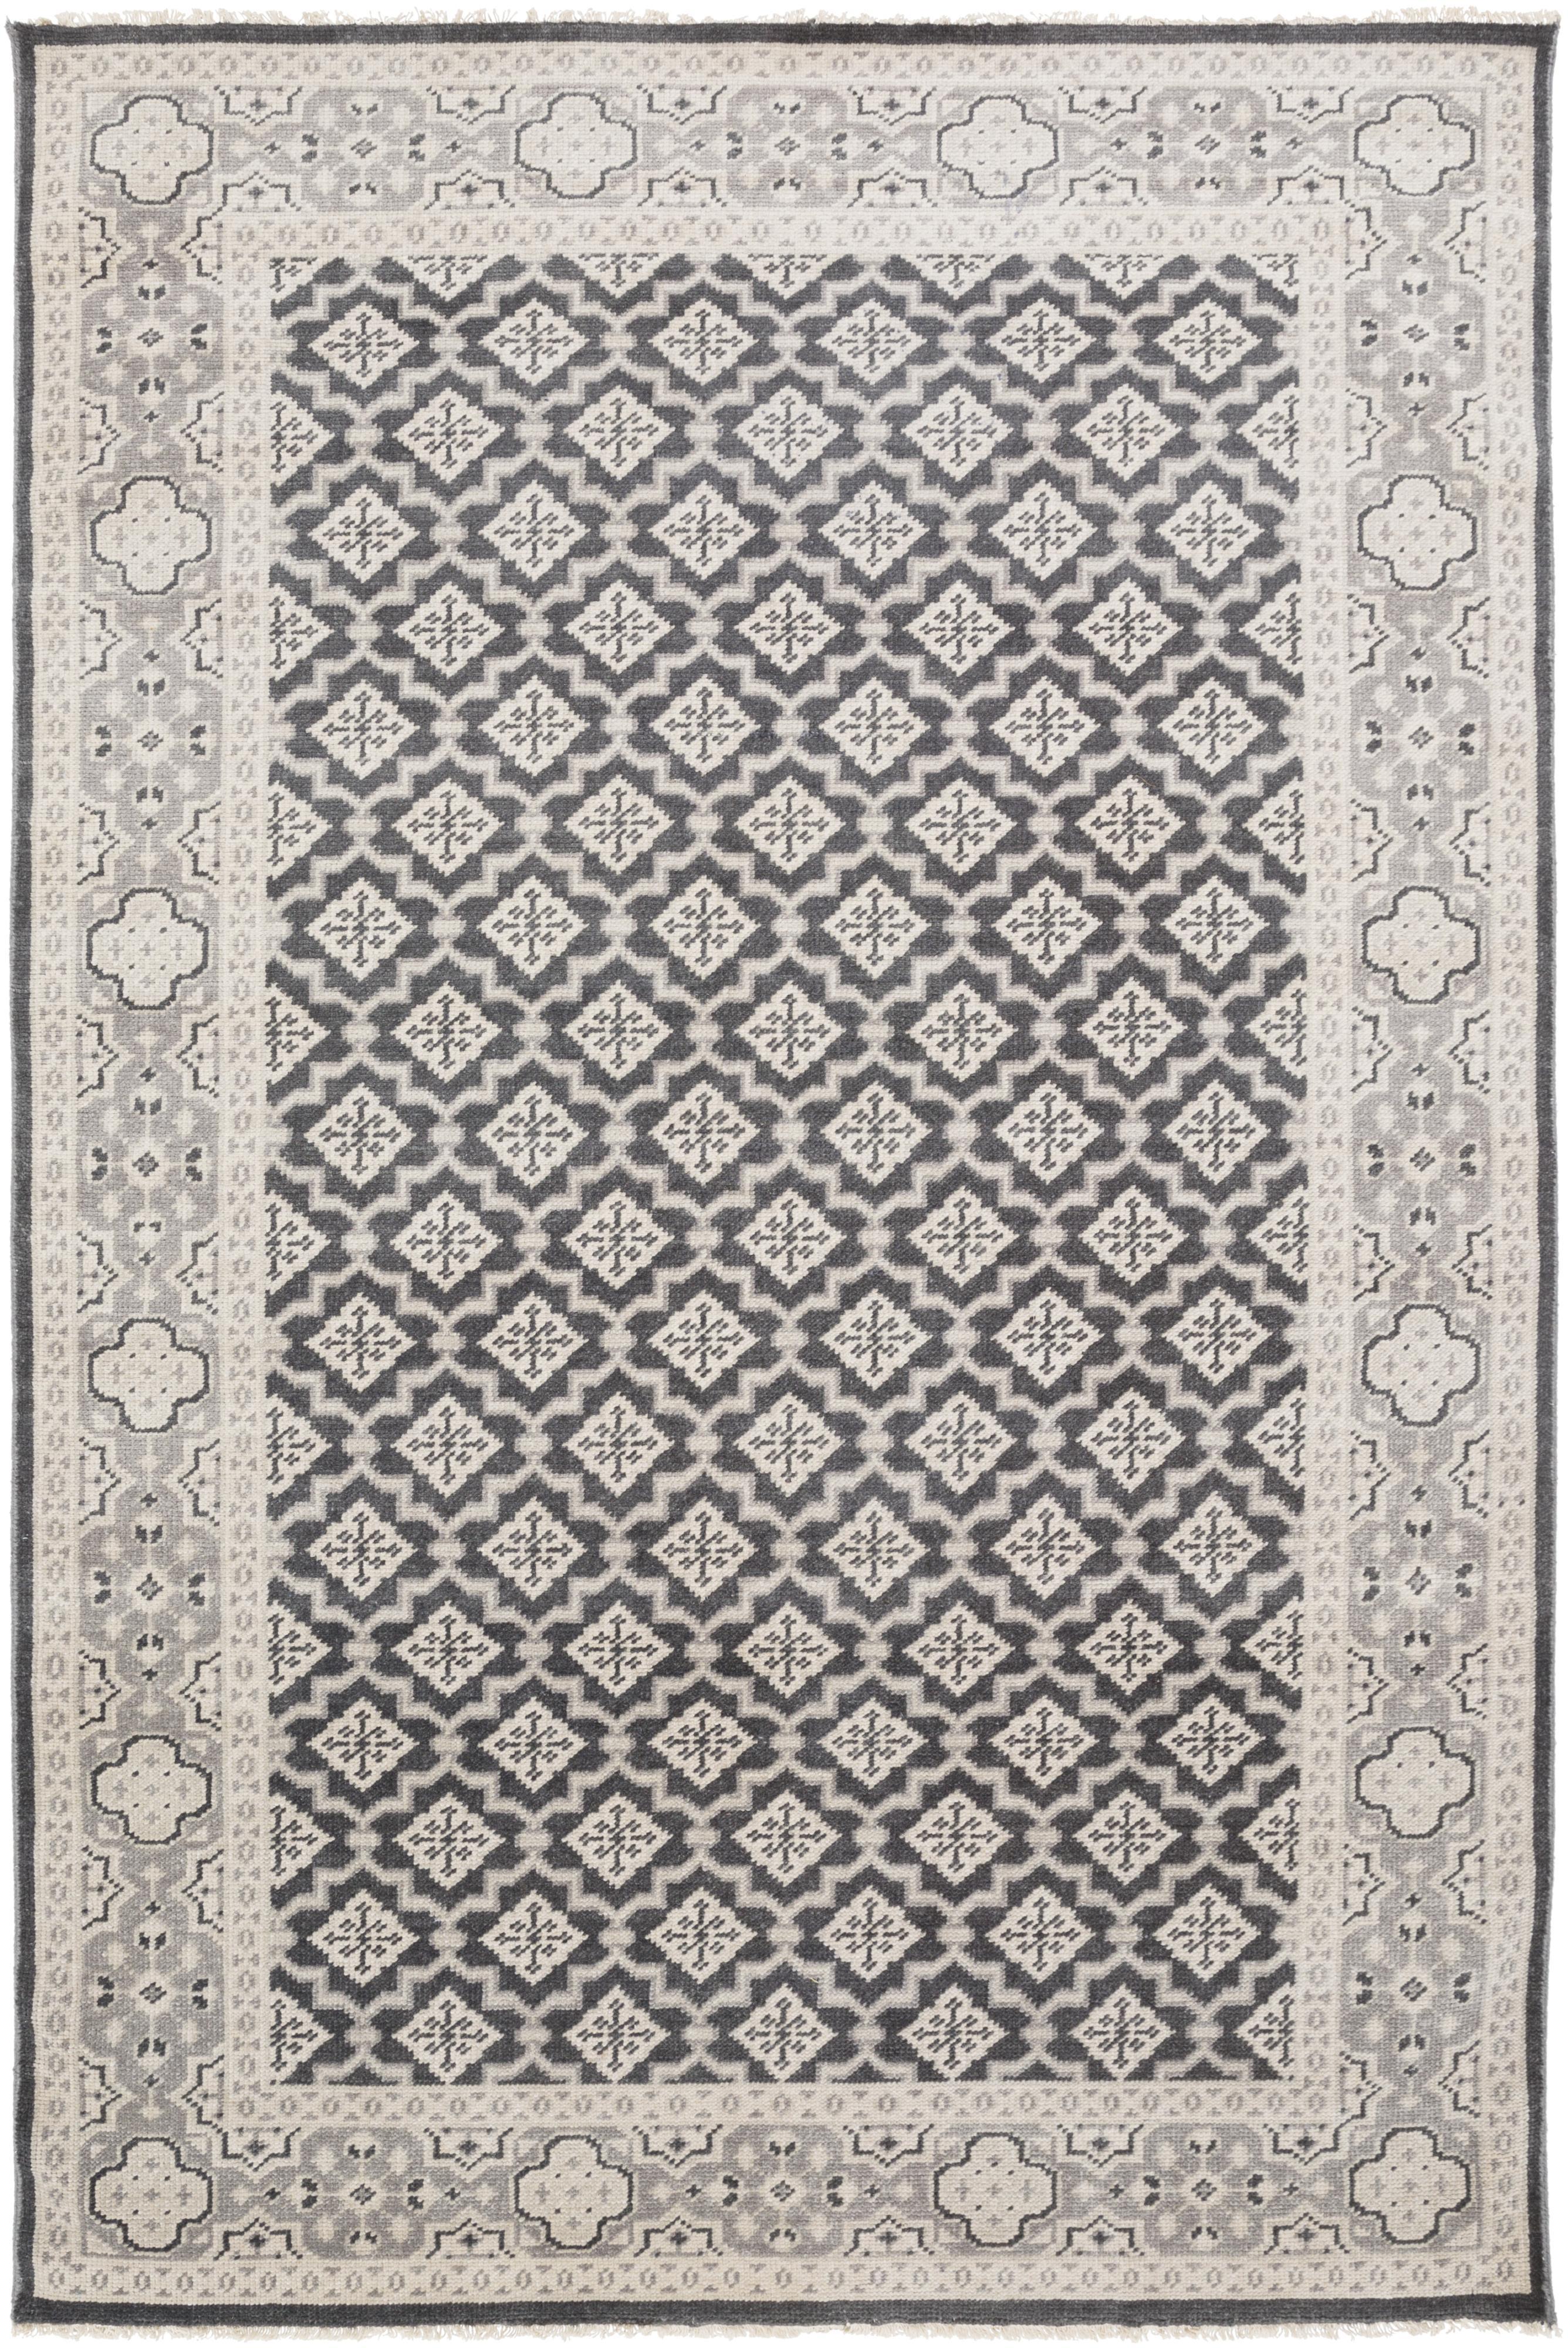 Surya Rugs Cappadocia 8' x 11' - Item Number: CPP5000-811